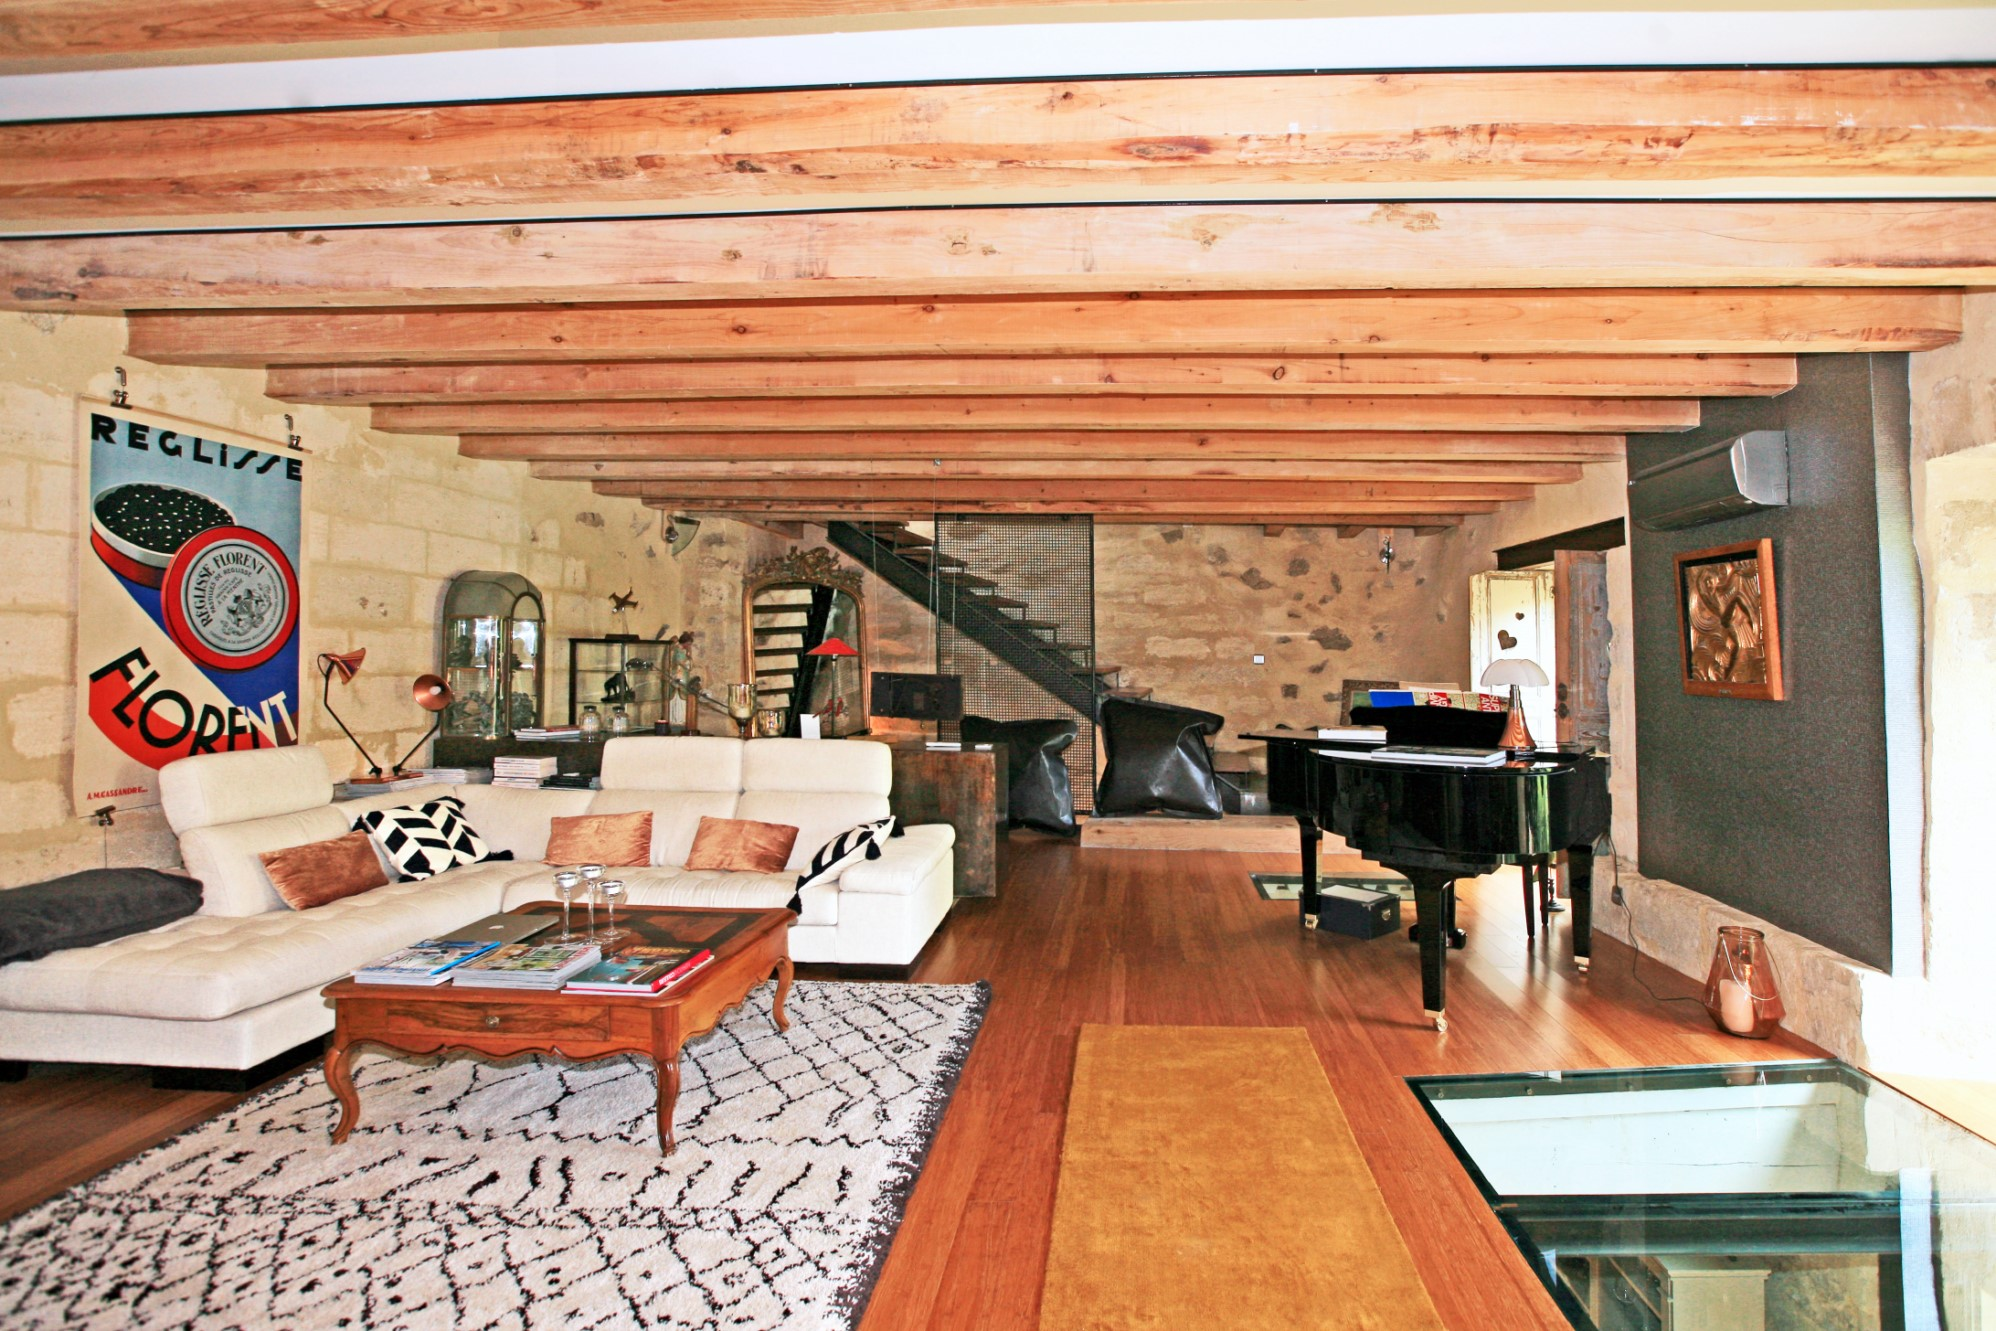 A vendre, proche Avignon, charmante maison de village avec cour arborée